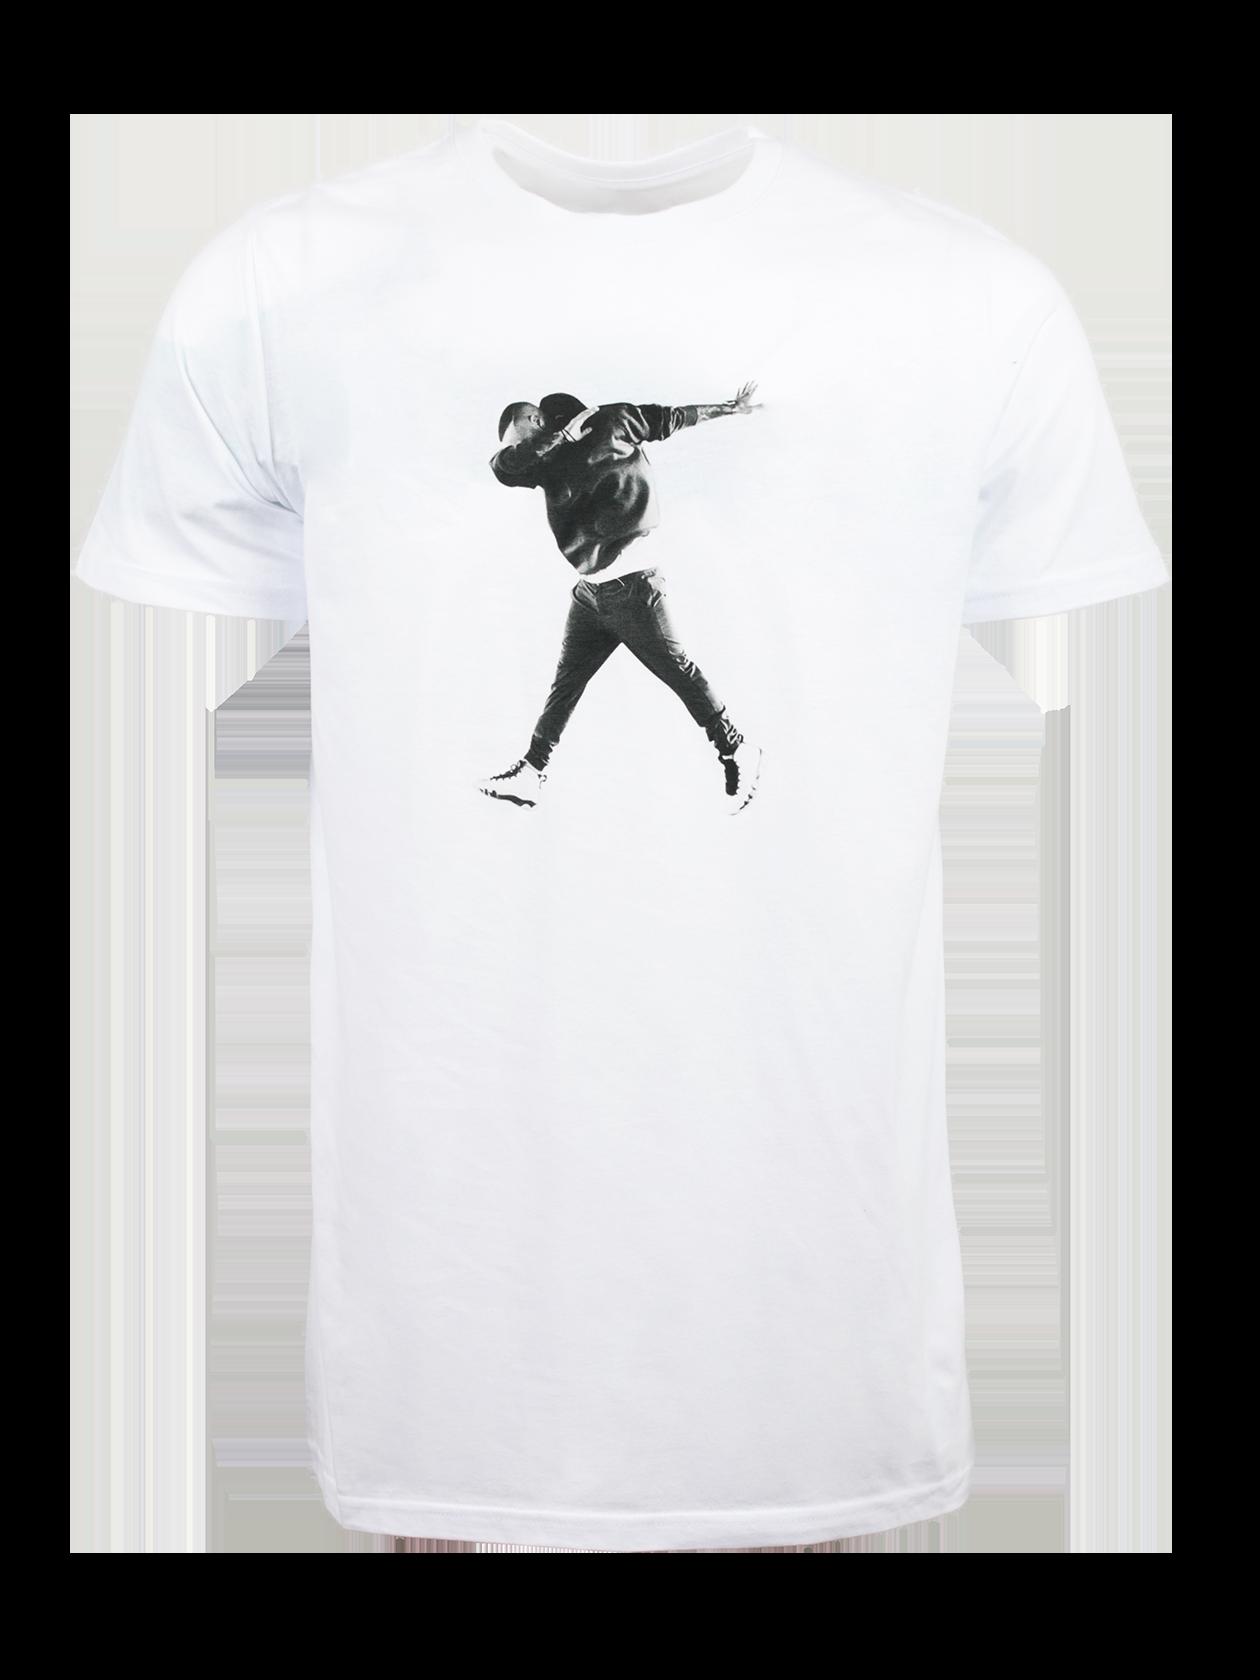 Футболка унисекс LONEВ мерче популярного артиста L`one Гравитация представлена стильная футболка унисекс L`one. Модель базового белого цвета, лаконичного дизайна идеально впишется в гардероб активных молодых людей. Крой прямой, полусвободный, с удлиненной формой низа. Круглая неглубокая горловина содержит фирменный лейбл бренда Black Star Wear с внутренней стороны. Оригинальная деталь – принт с изображением L`one спереди. Футболка изготовлена из люксового хлопка, выделяется практичностью и комфортностью.<br><br>Размер: XS<br>Цвет: Белый<br>Пол: Мужской